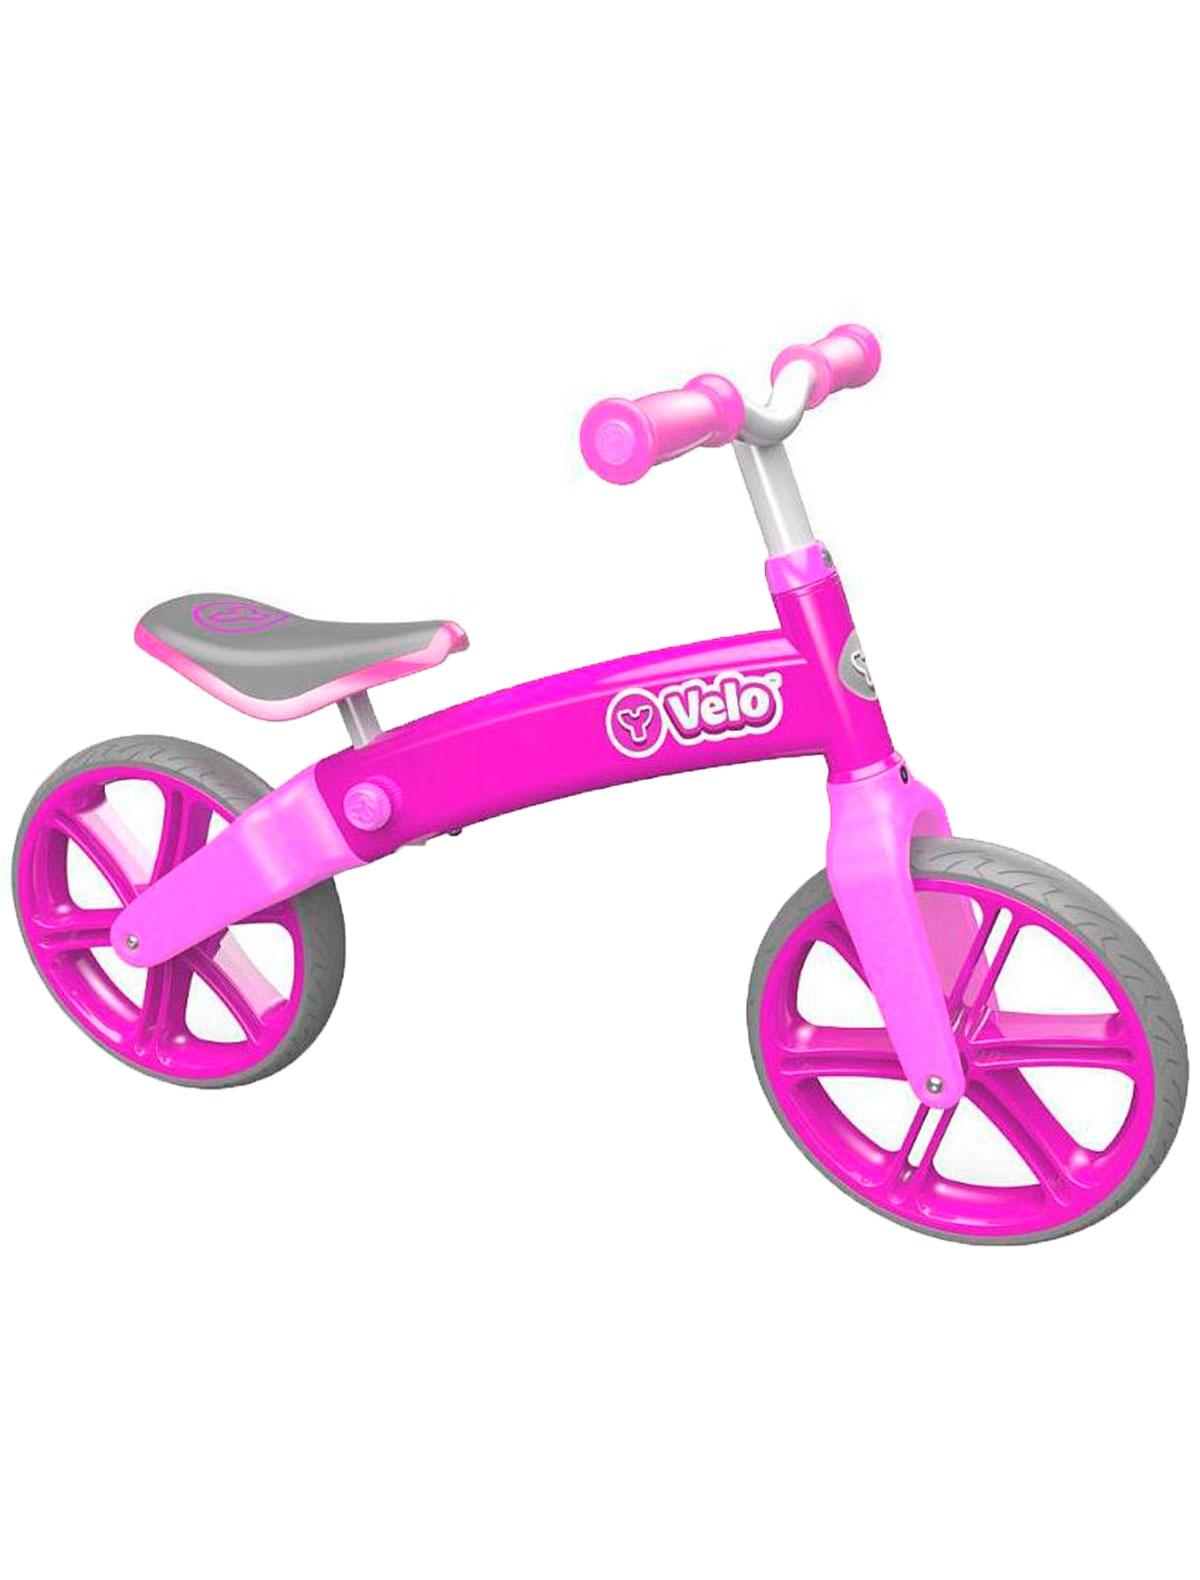 Купить 2213750, Велосипед YVolution, розовый, Женский, 5414509070047